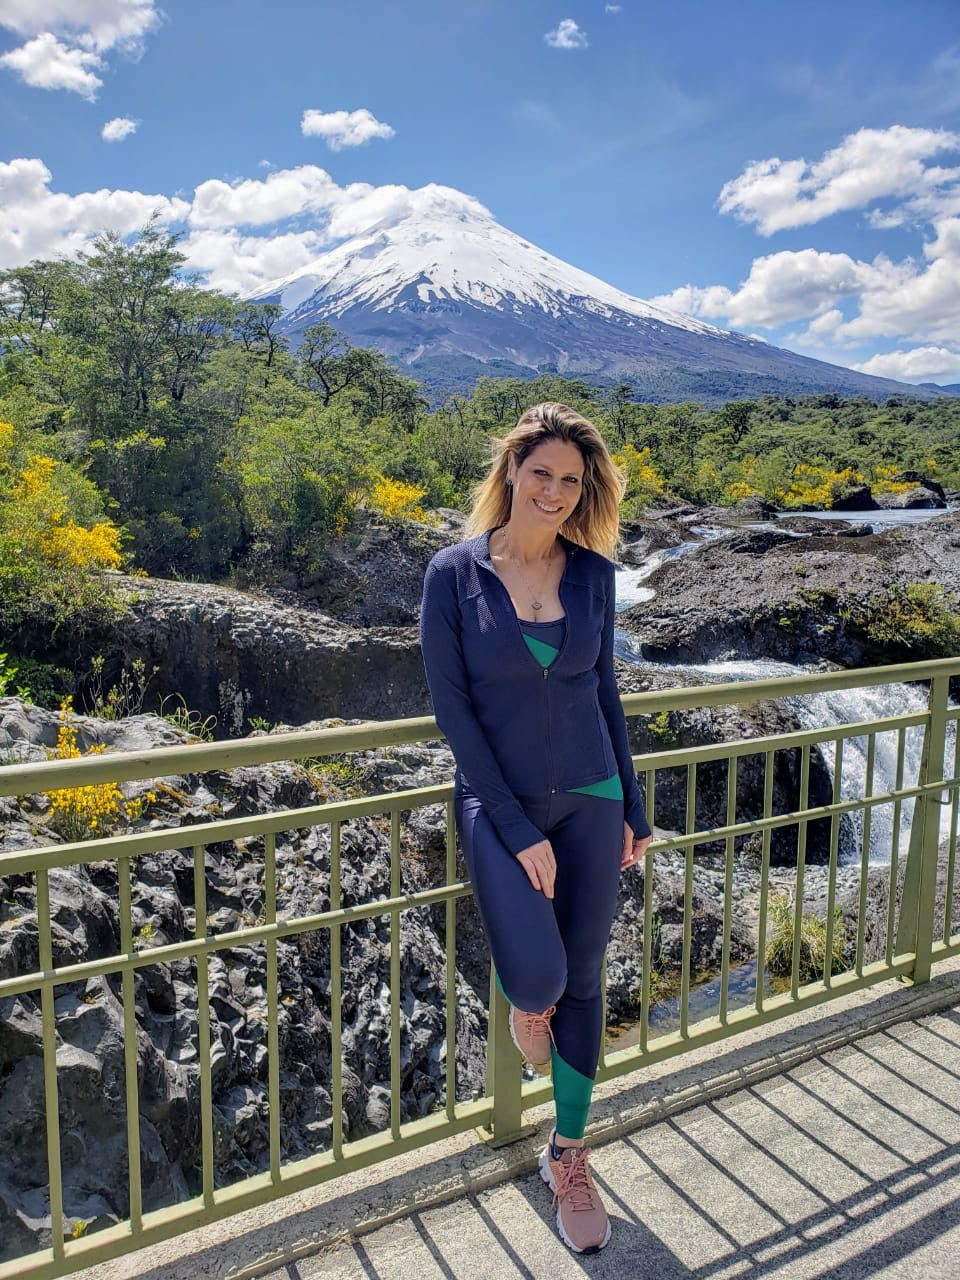 Didi Wagner no Chile durante as gravações da 18ª temporada do programa Lugar Incomum (2006-) | Foto: Divulgação (Multishow / Créditos: Laís Bartoli)